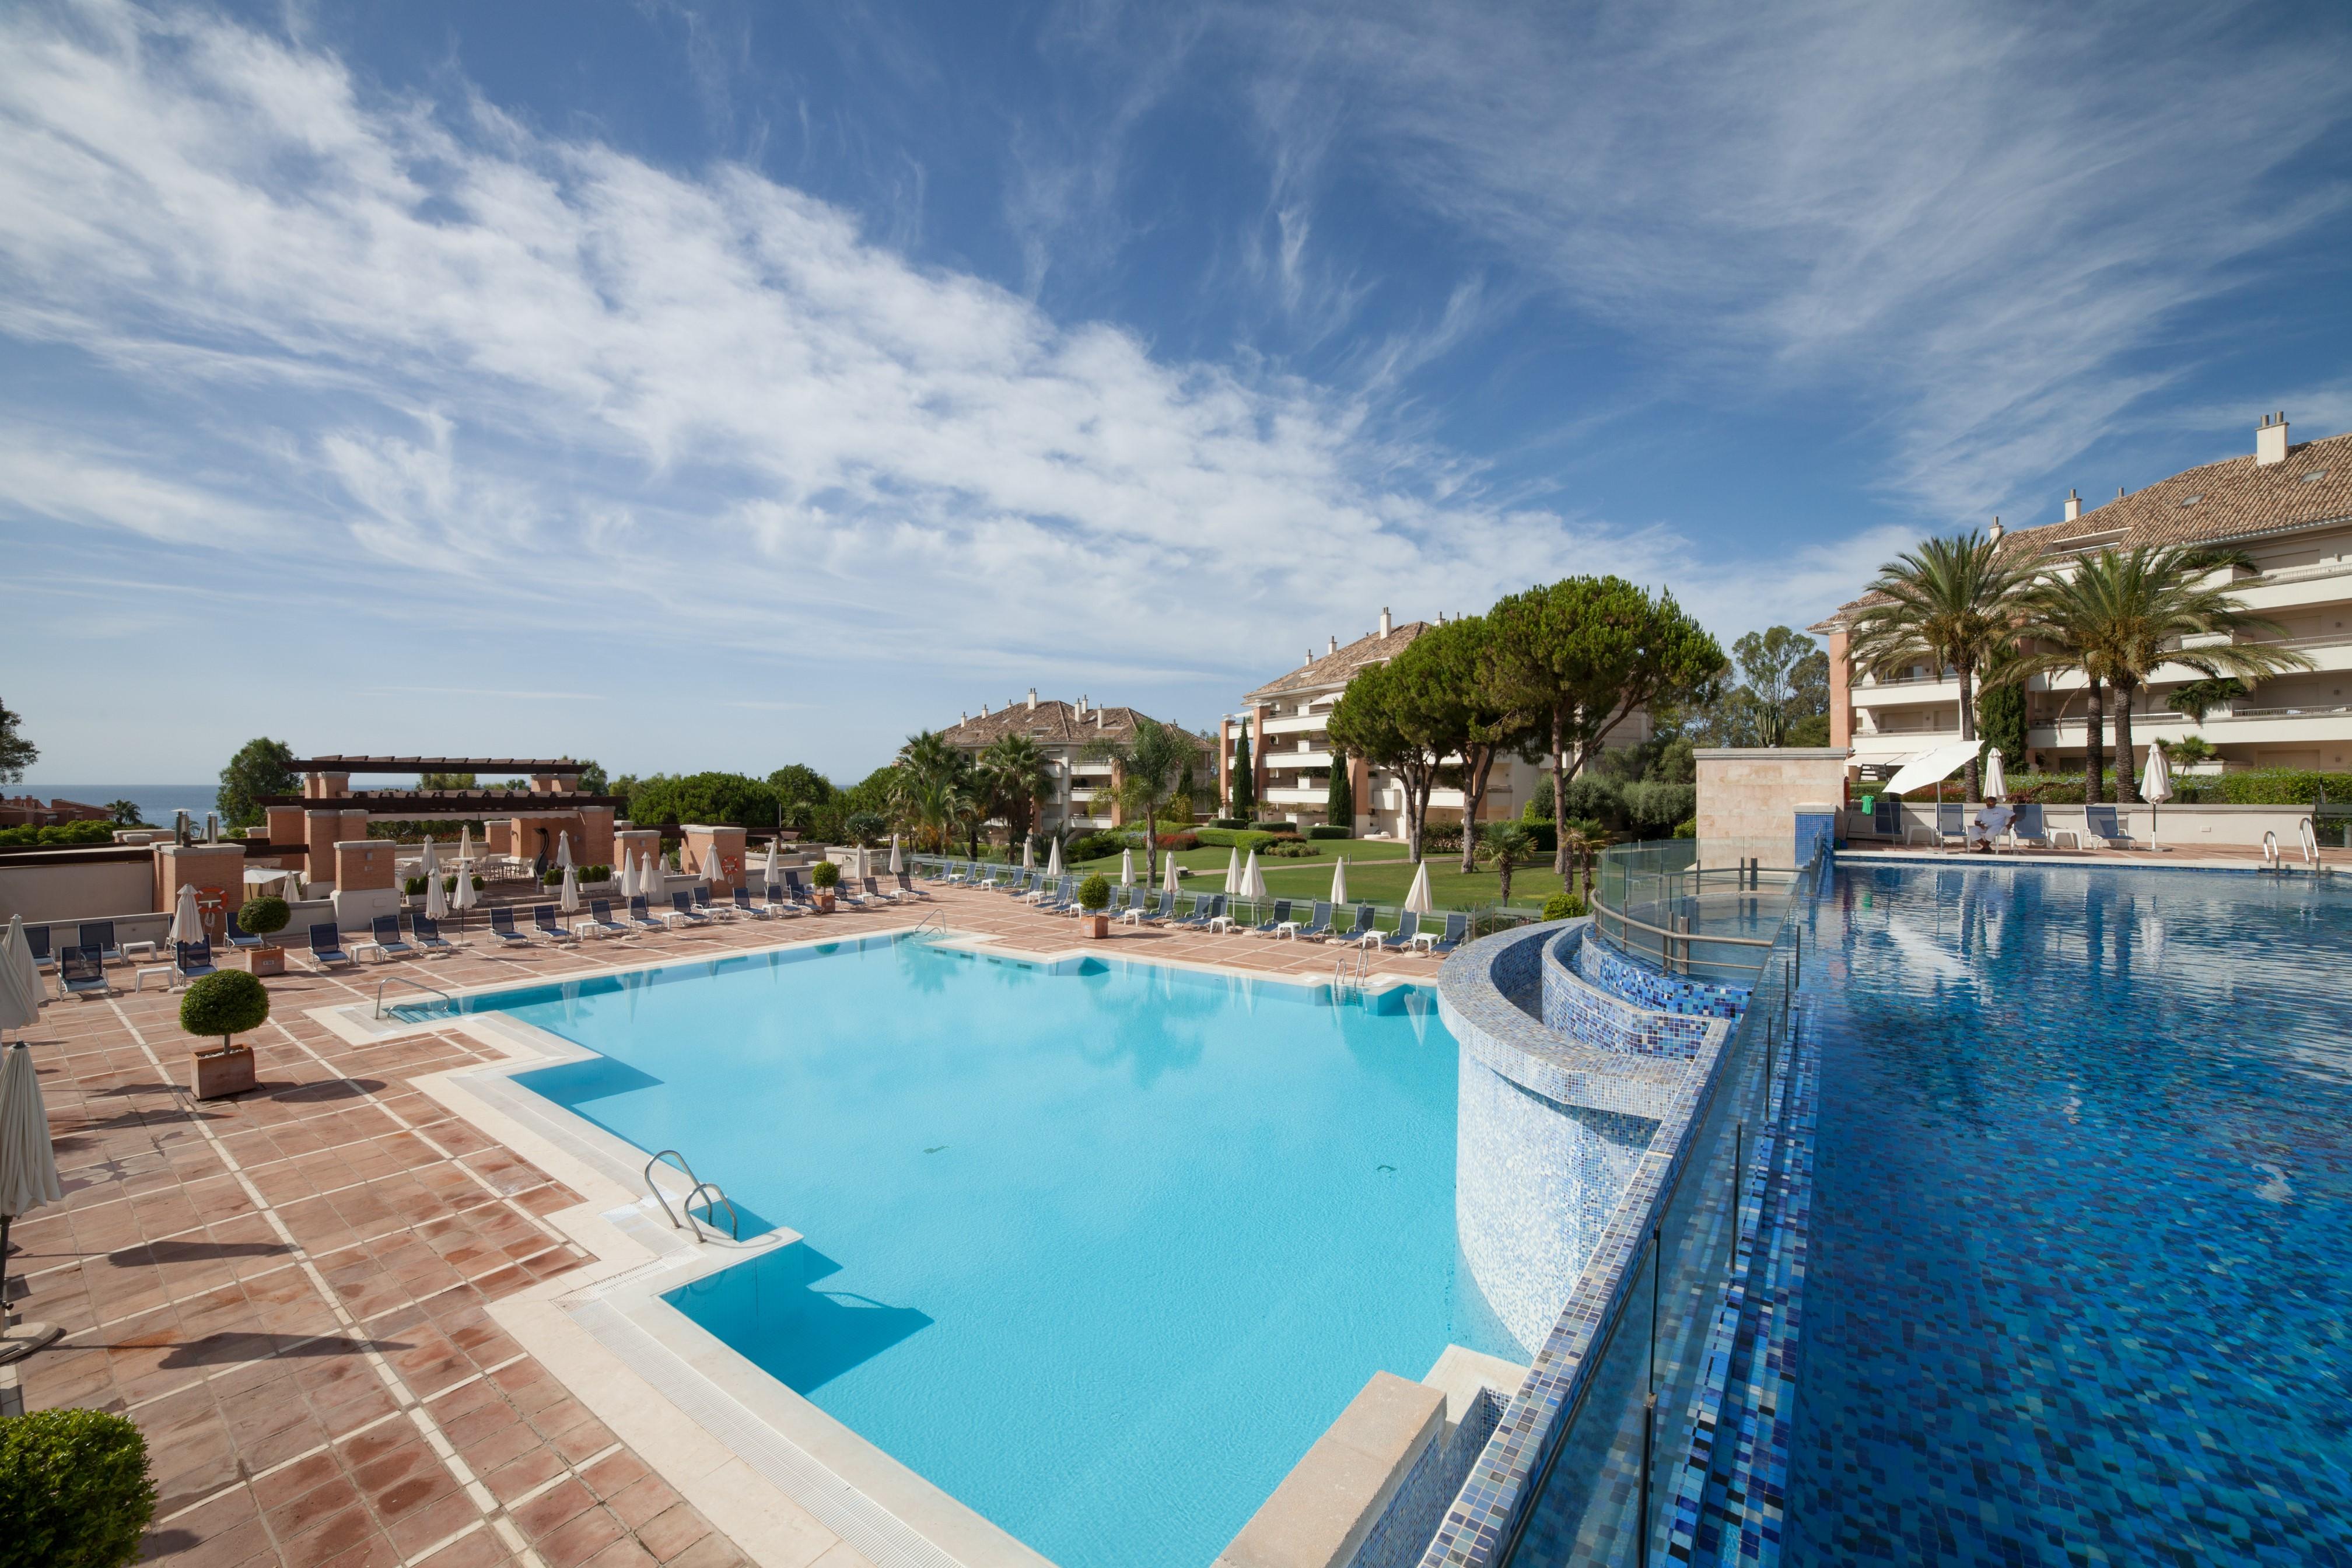 Excellent 3 bed apartment with sea views in gated complex. La Trinidad, Marbella